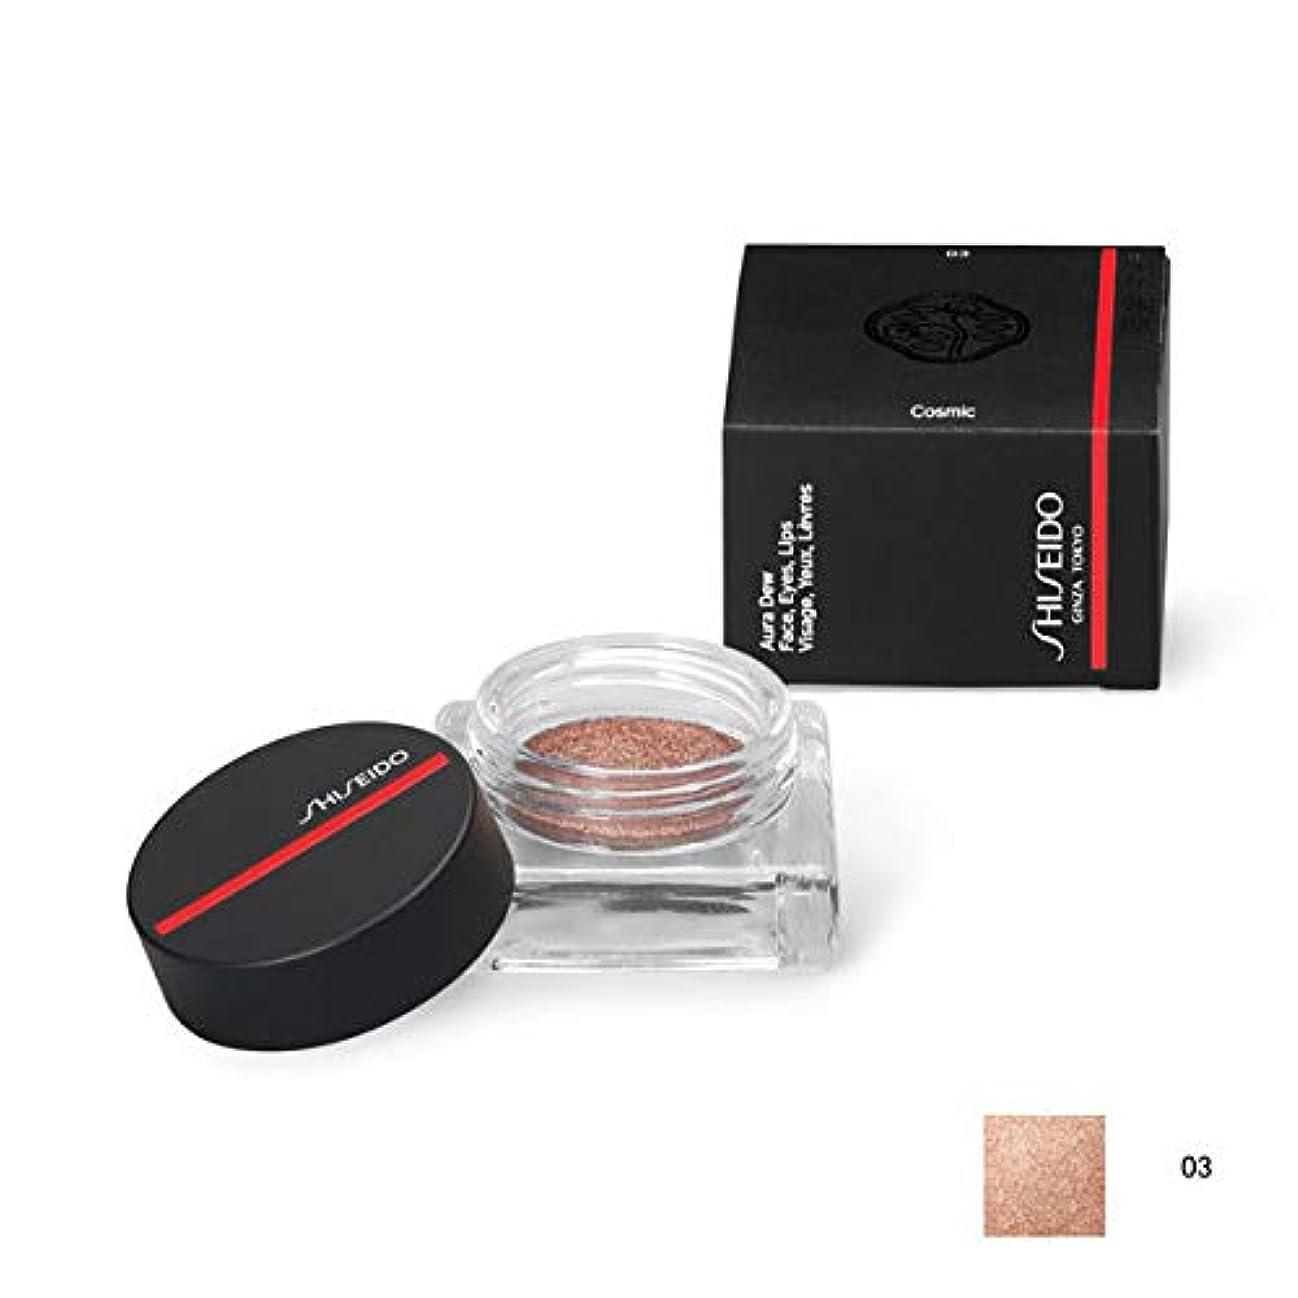 原子変形原子SHISEIDO Makeup(資生堂 メーキャップ) SHISEIDO(資生堂) SHISEIDO オーラデュウ プリズム 4.8g (03)